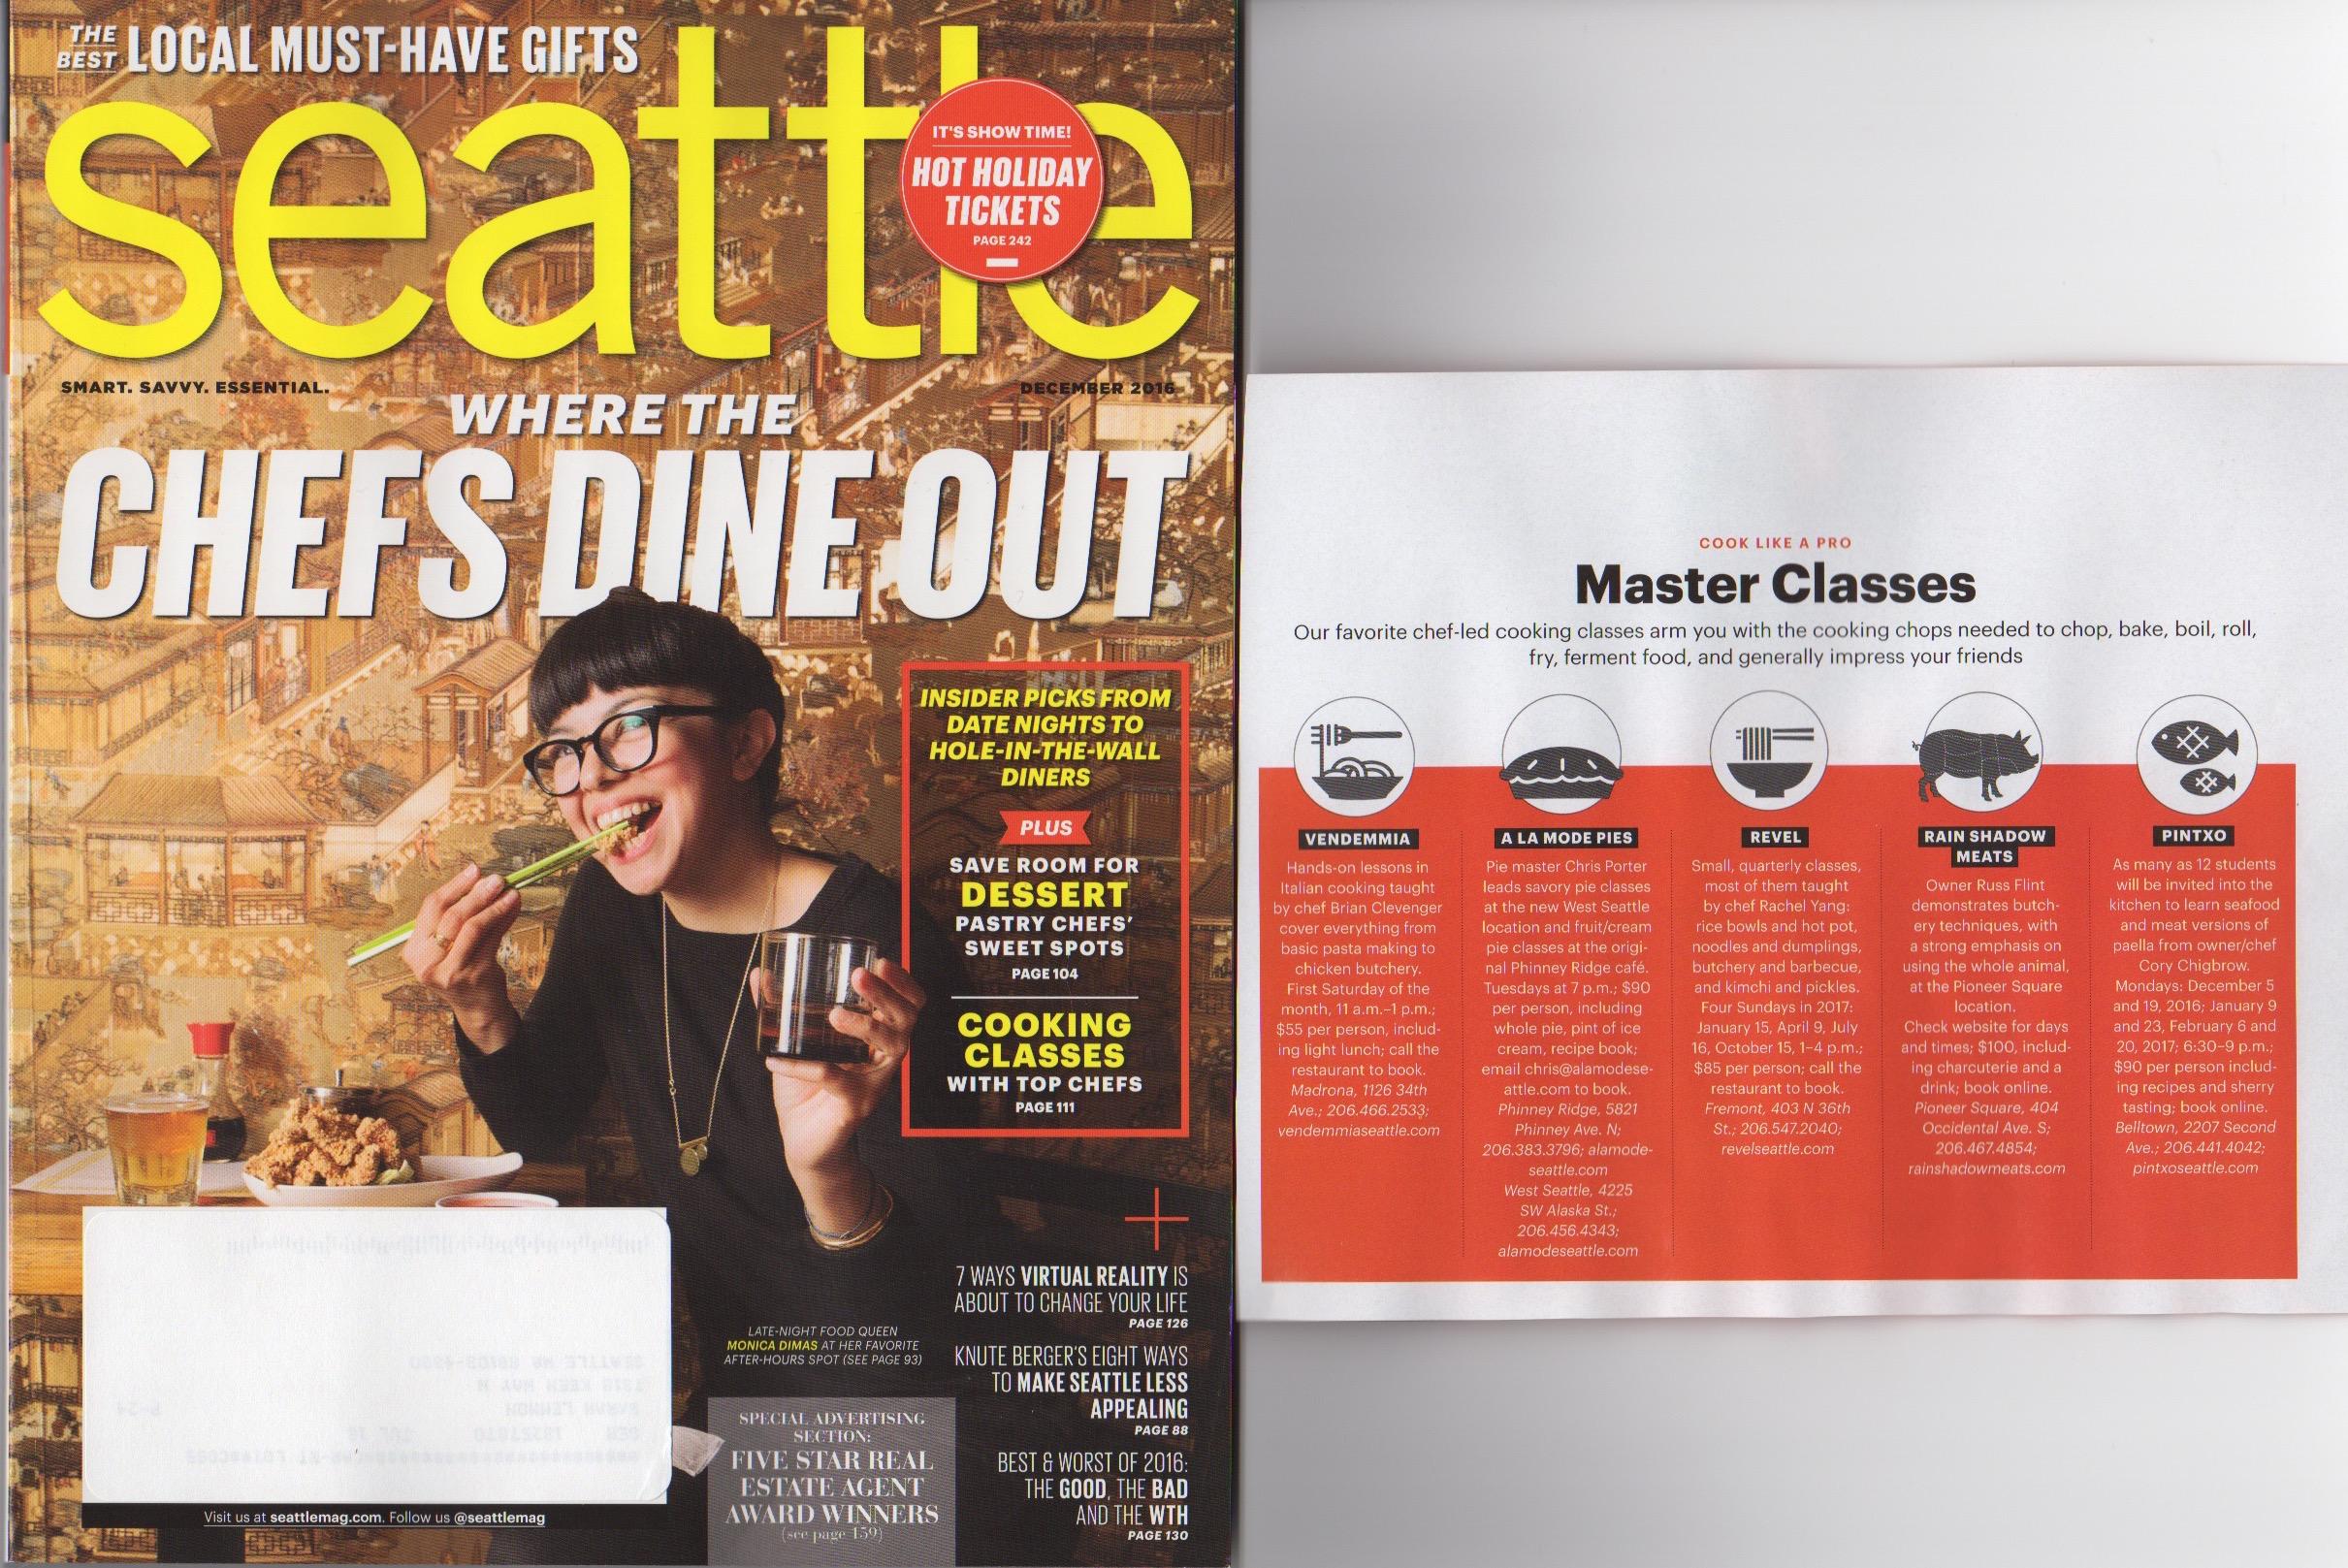 Seattle Magazine Pintxo CookingClass.jpg